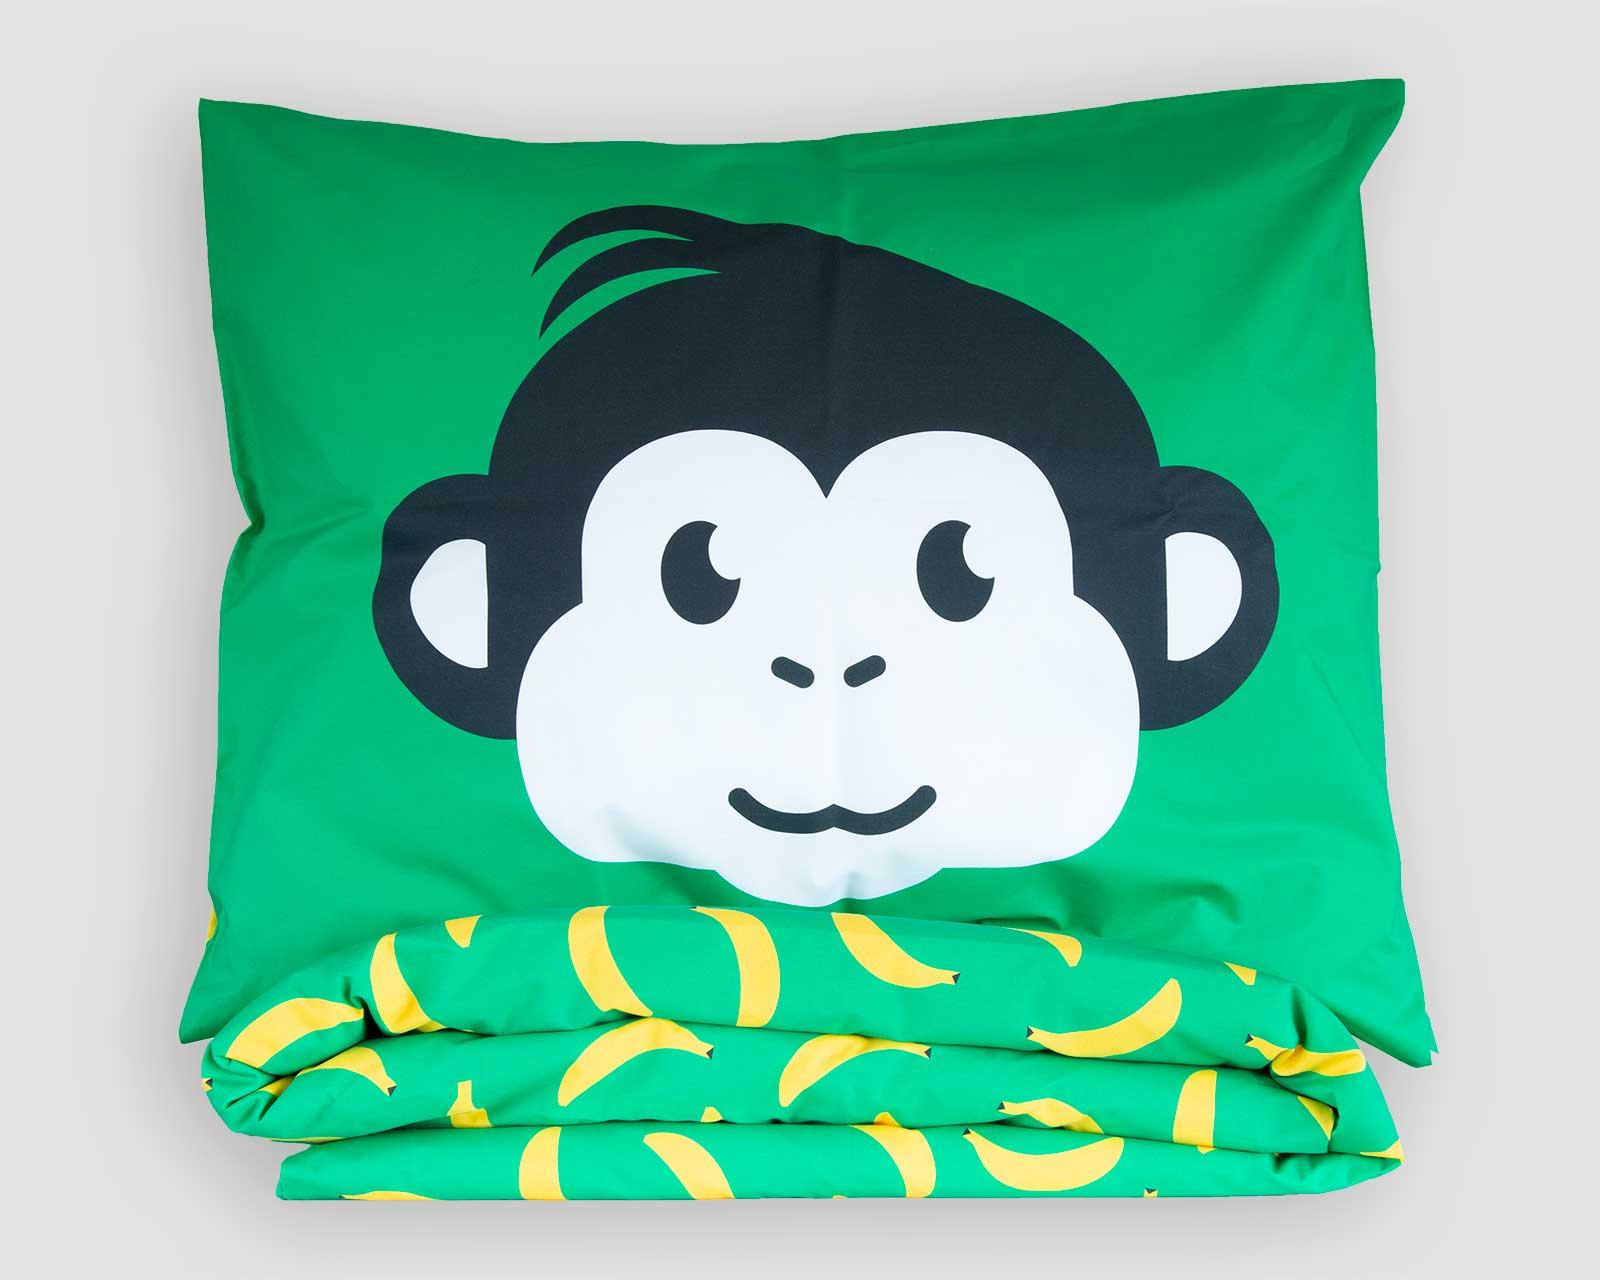 Peuter junior dekbedovertrek aapje Pie groen 120 x 150 Let's go bananas